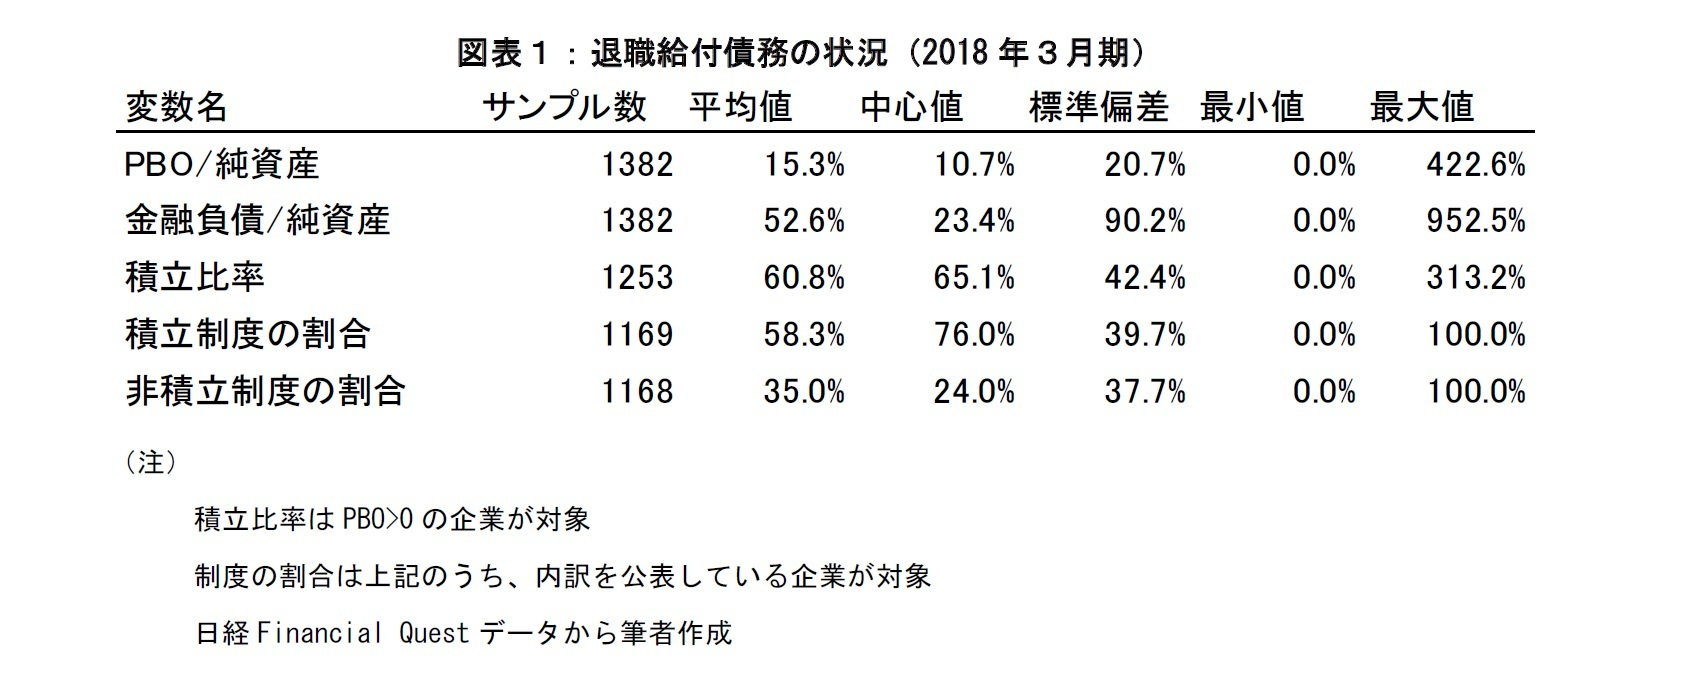 図表1:退職給付債務の状況(2018年3月期)